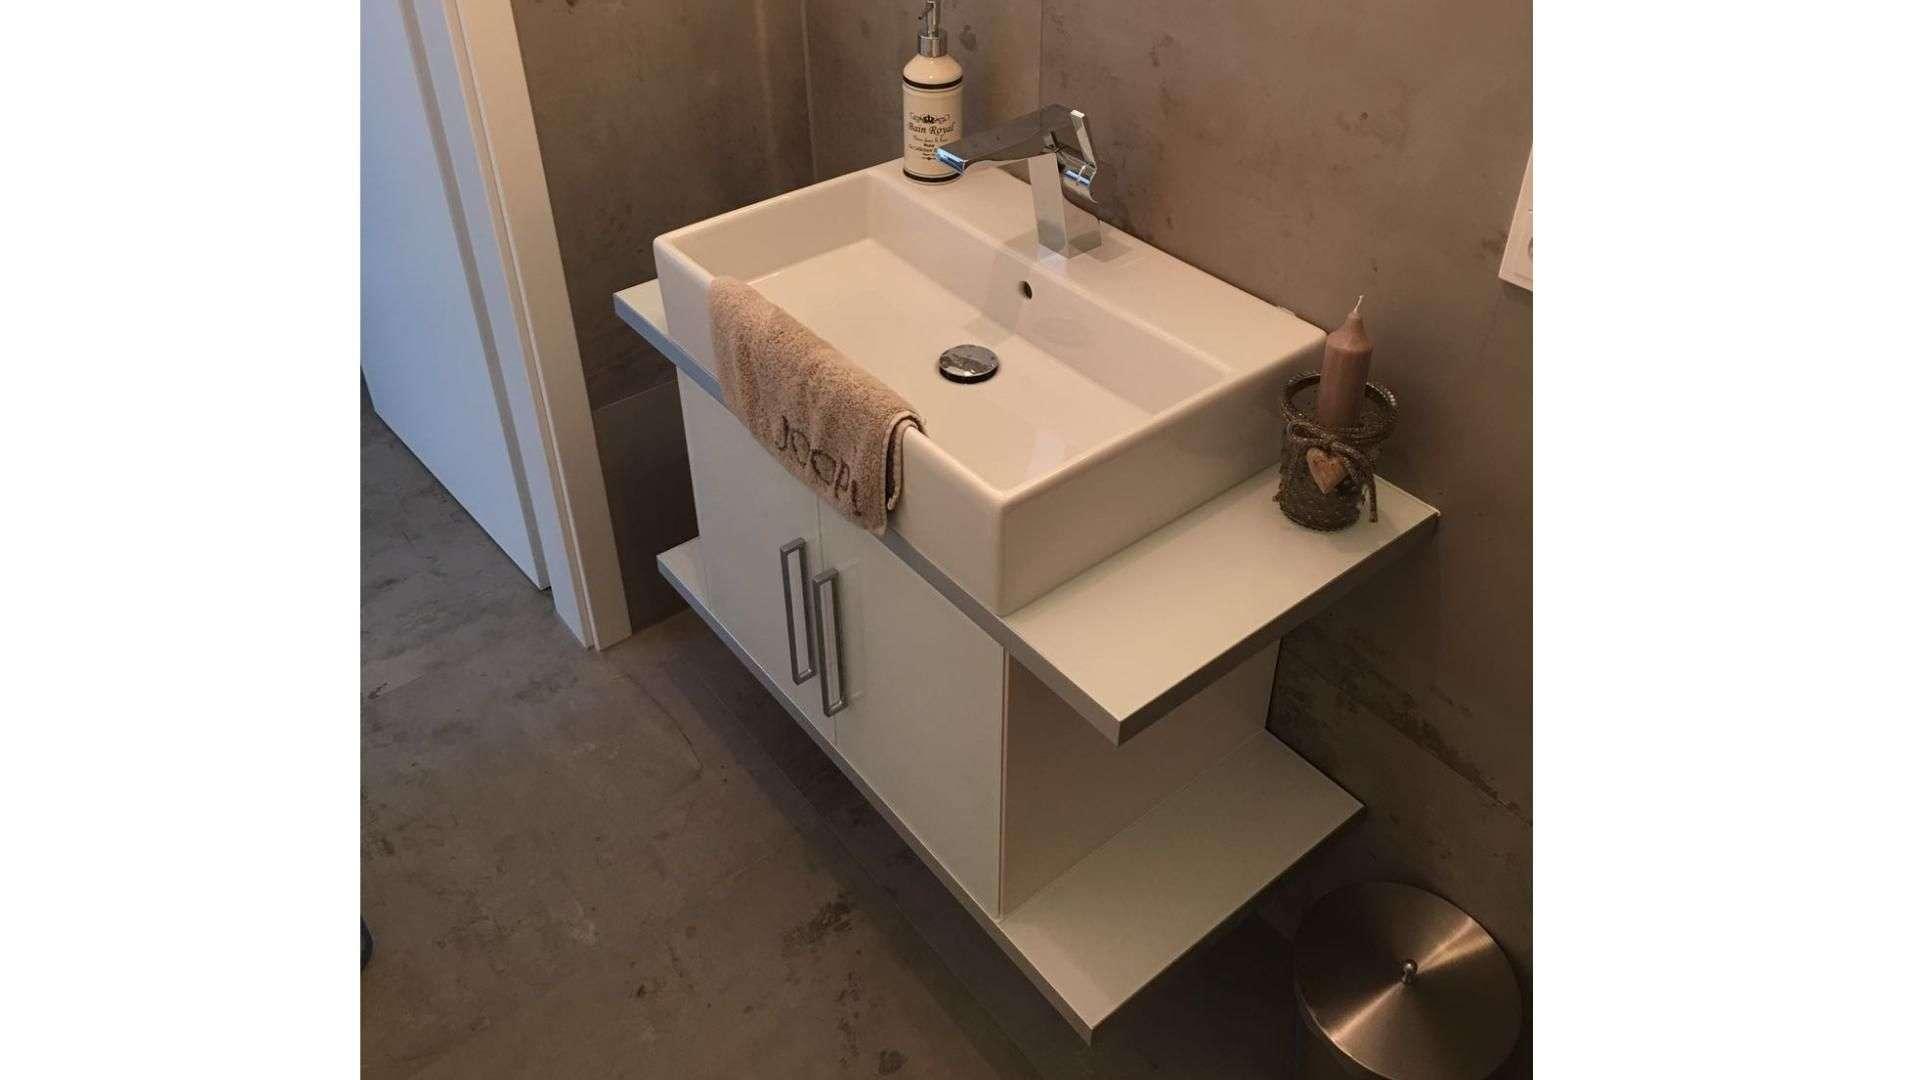 Integrierte Heizung in einem Waschbecken im Badezimmer